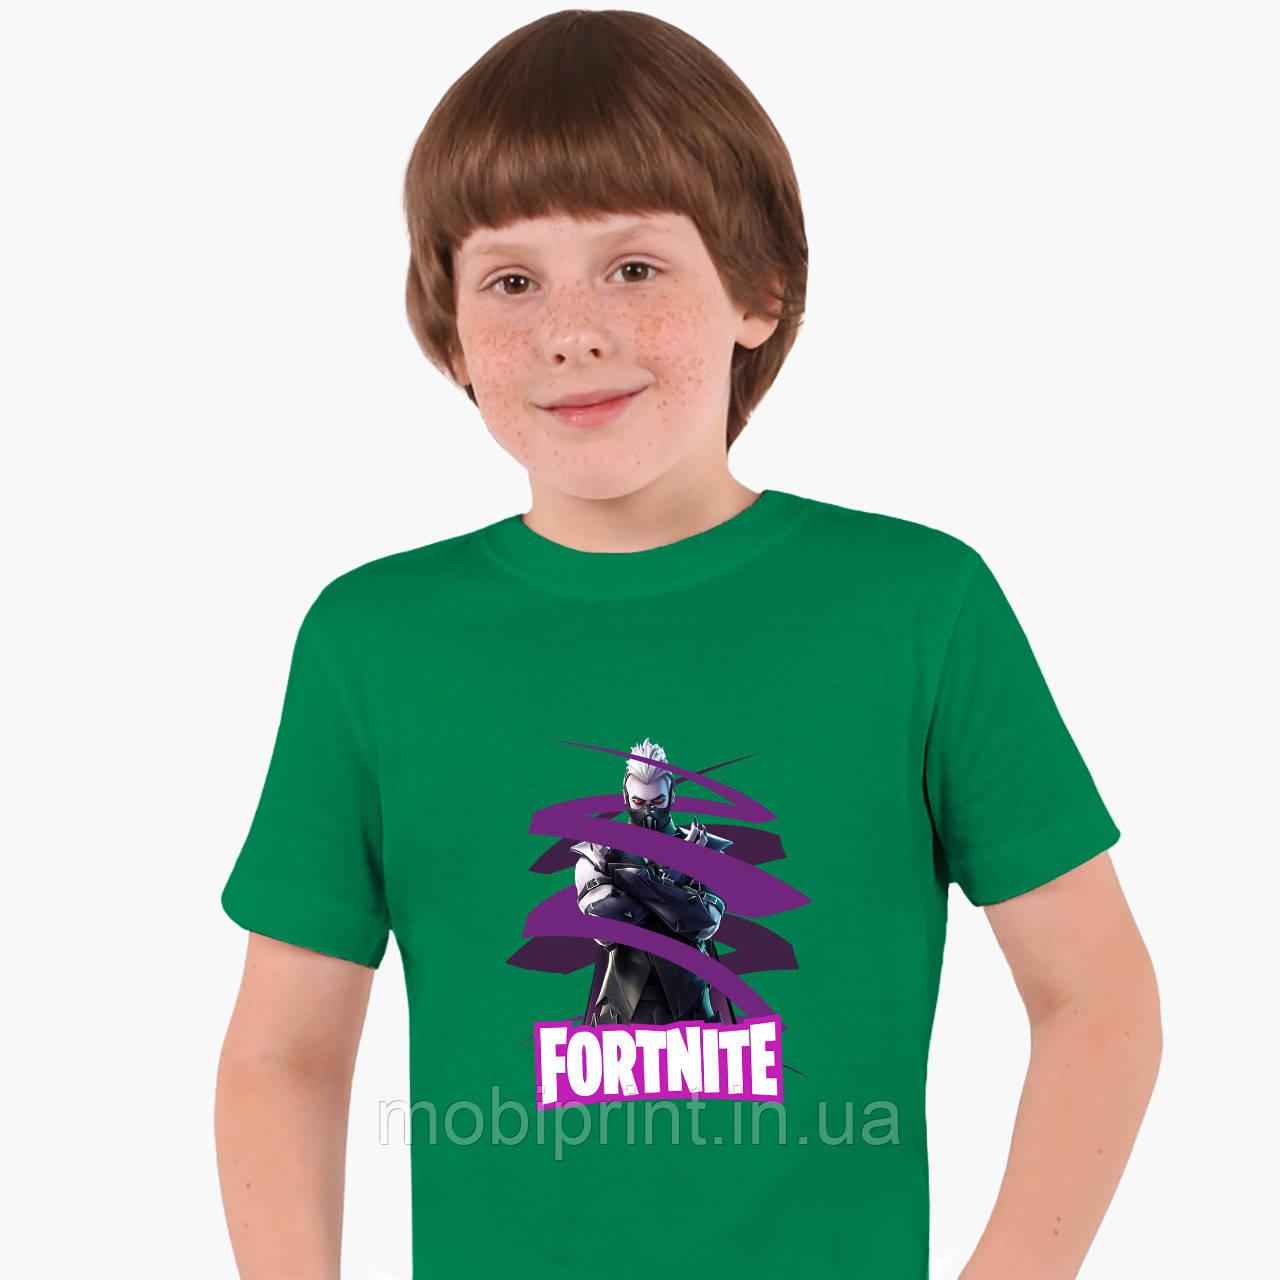 Детская футболка для мальчиков Фортнайт (Fortnite) (25186-1190) Зеленый